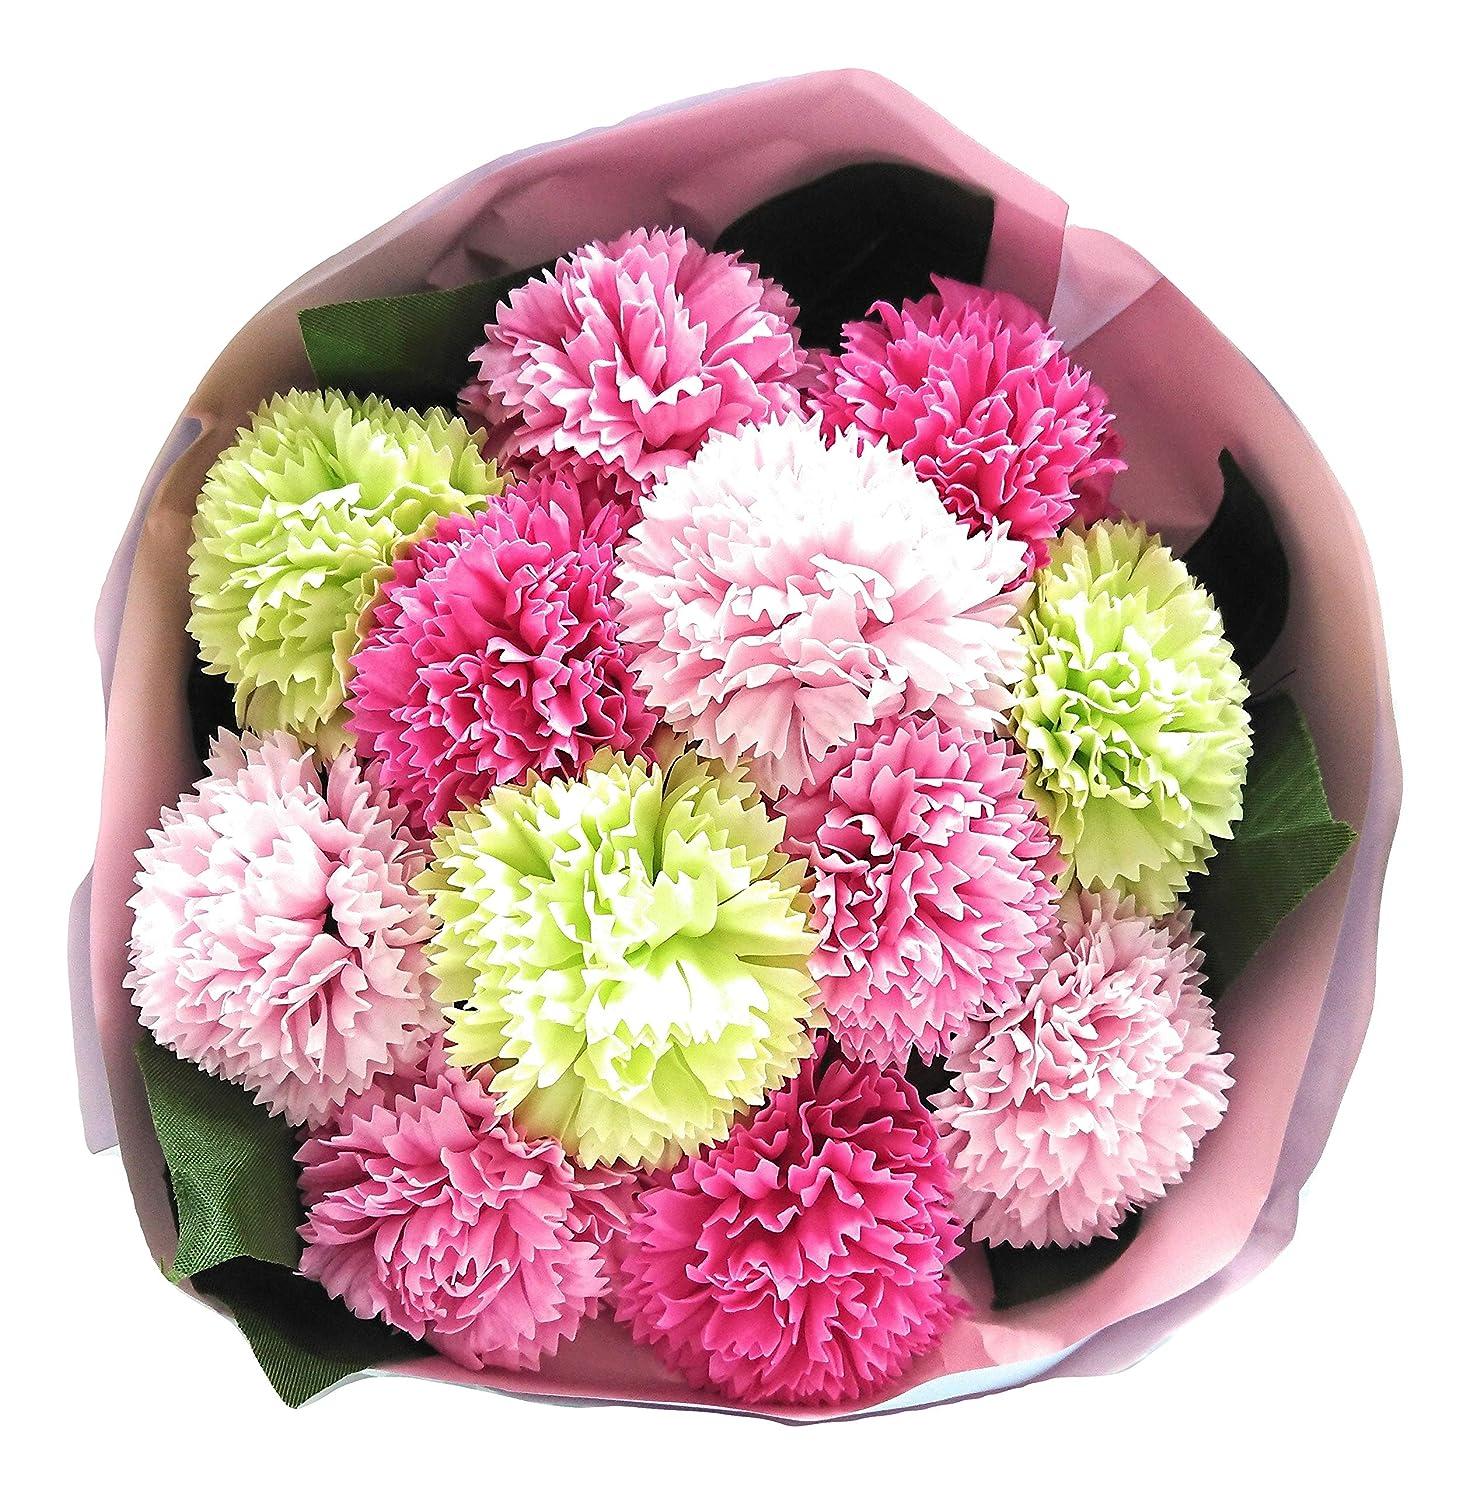 リーク分泌する知的バスフレグランス バスフラワー カーネーションブーケ 母の日 ギフト お花の形の入浴剤 (PINK MIX)